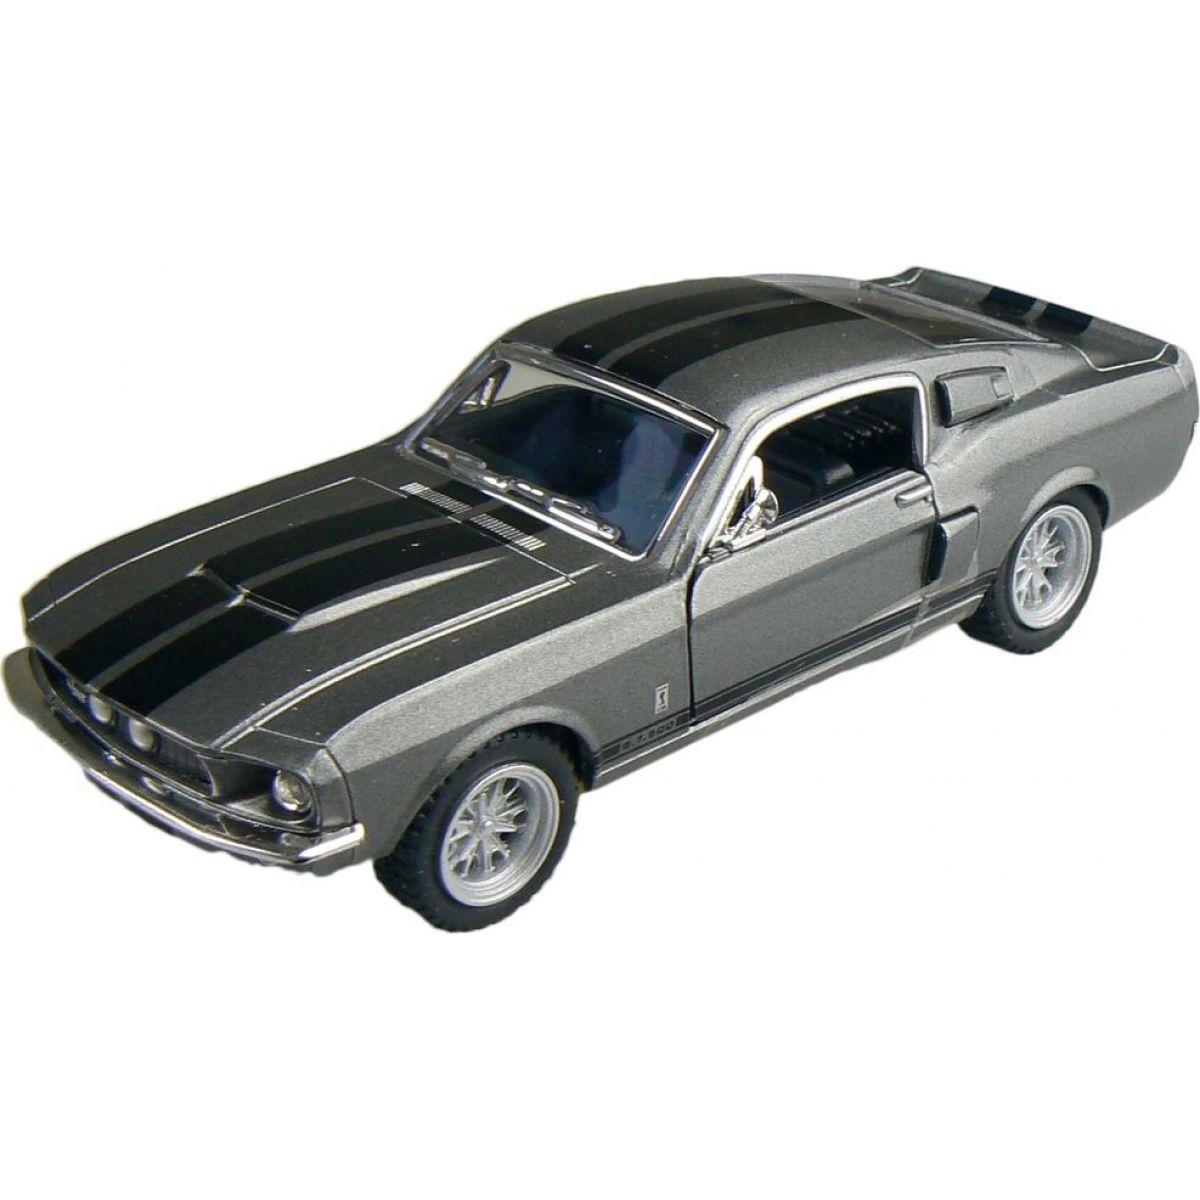 Kinsmart Auto Shelby GT500 1967 - Stříbrná